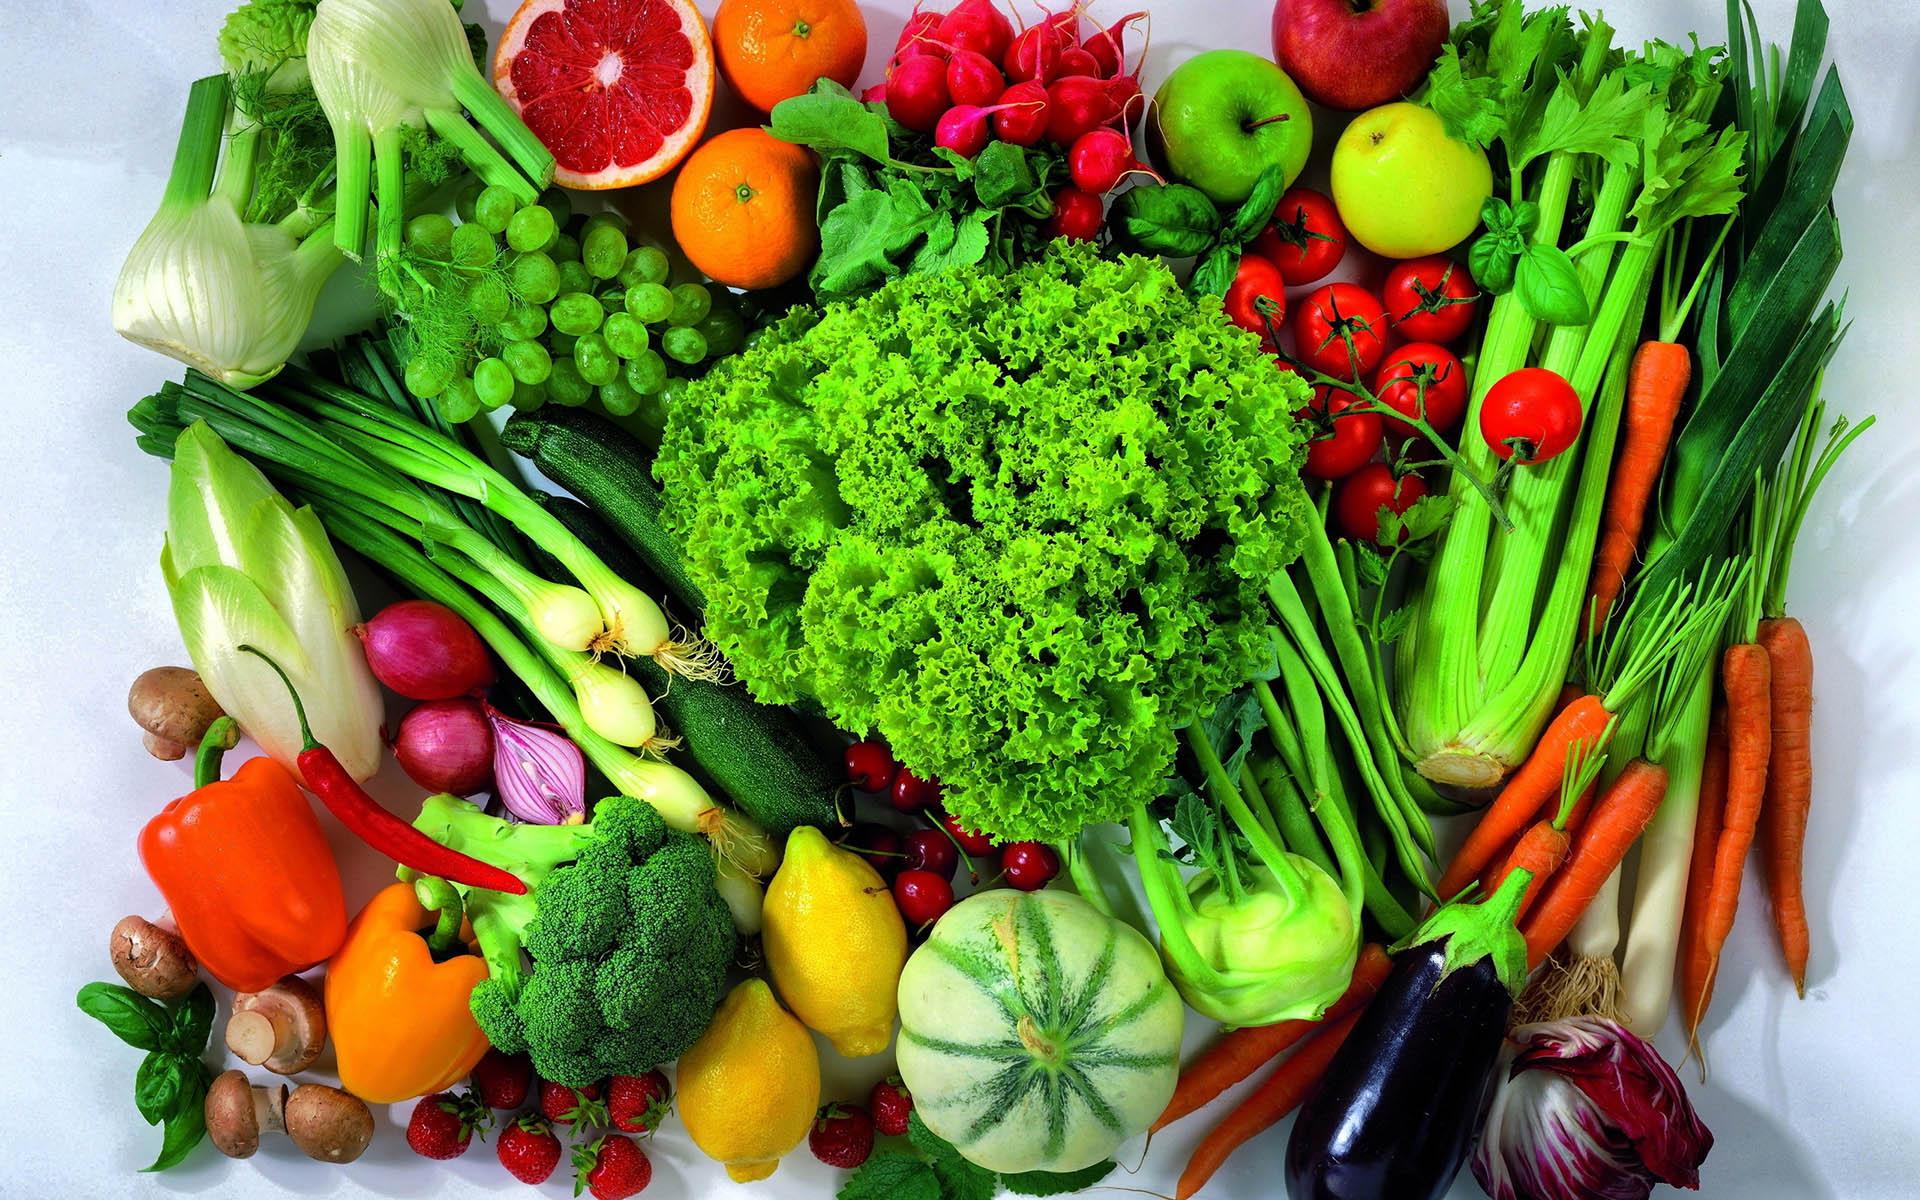 خام خوردن سبزیها(دکتر ذوالبخش ترکستانی، هومیوپات)